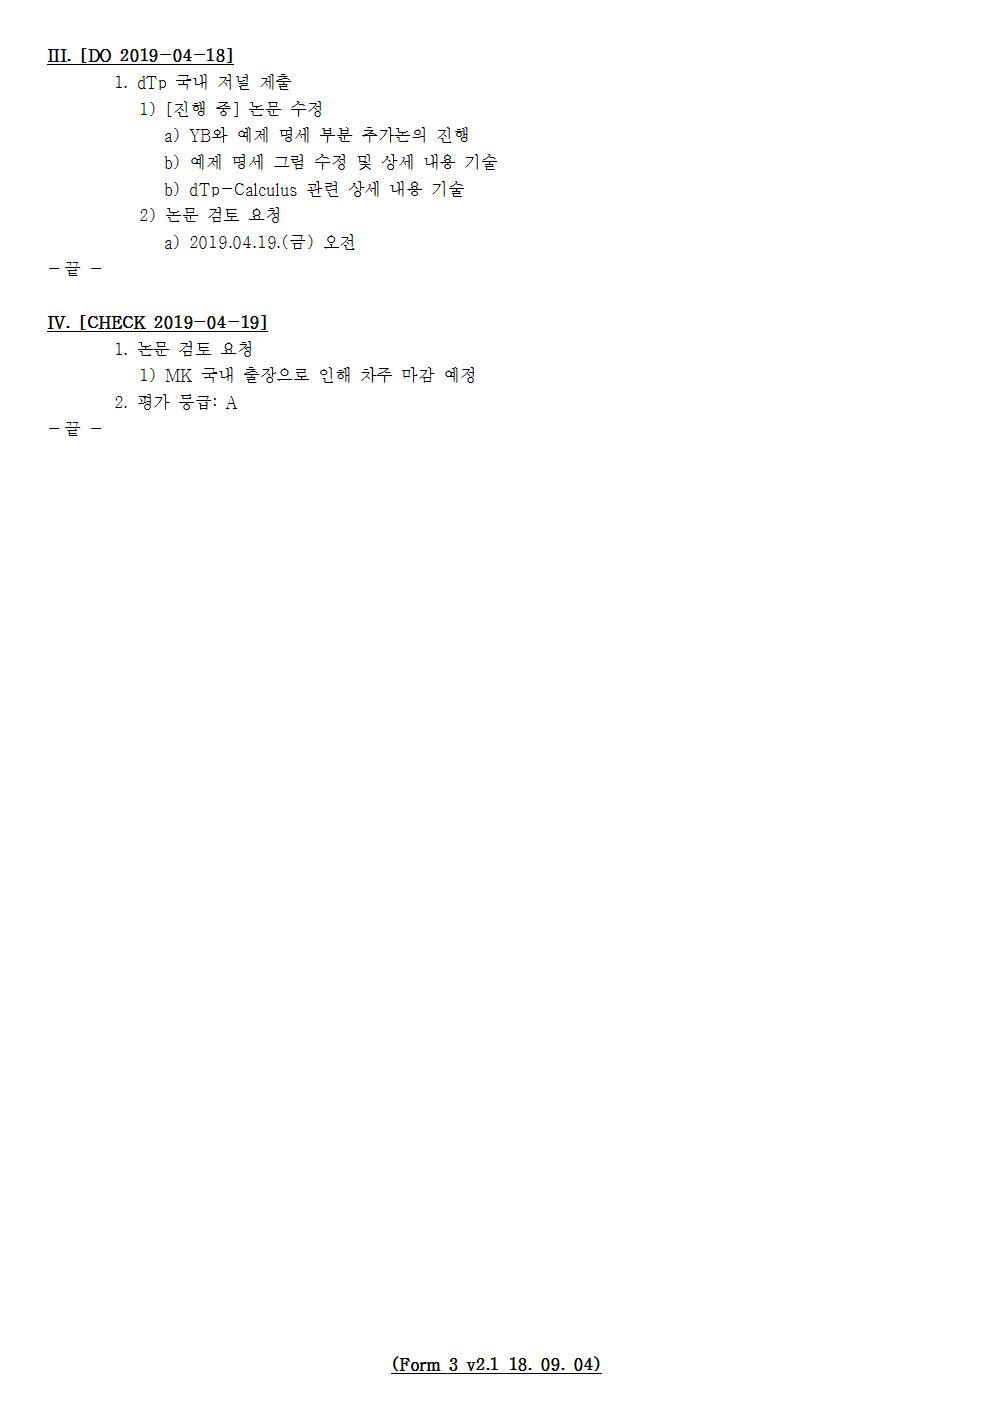 D-[19-012-PP-04]-[dTp-국내]-[2019-04-19][JS]002.jpg